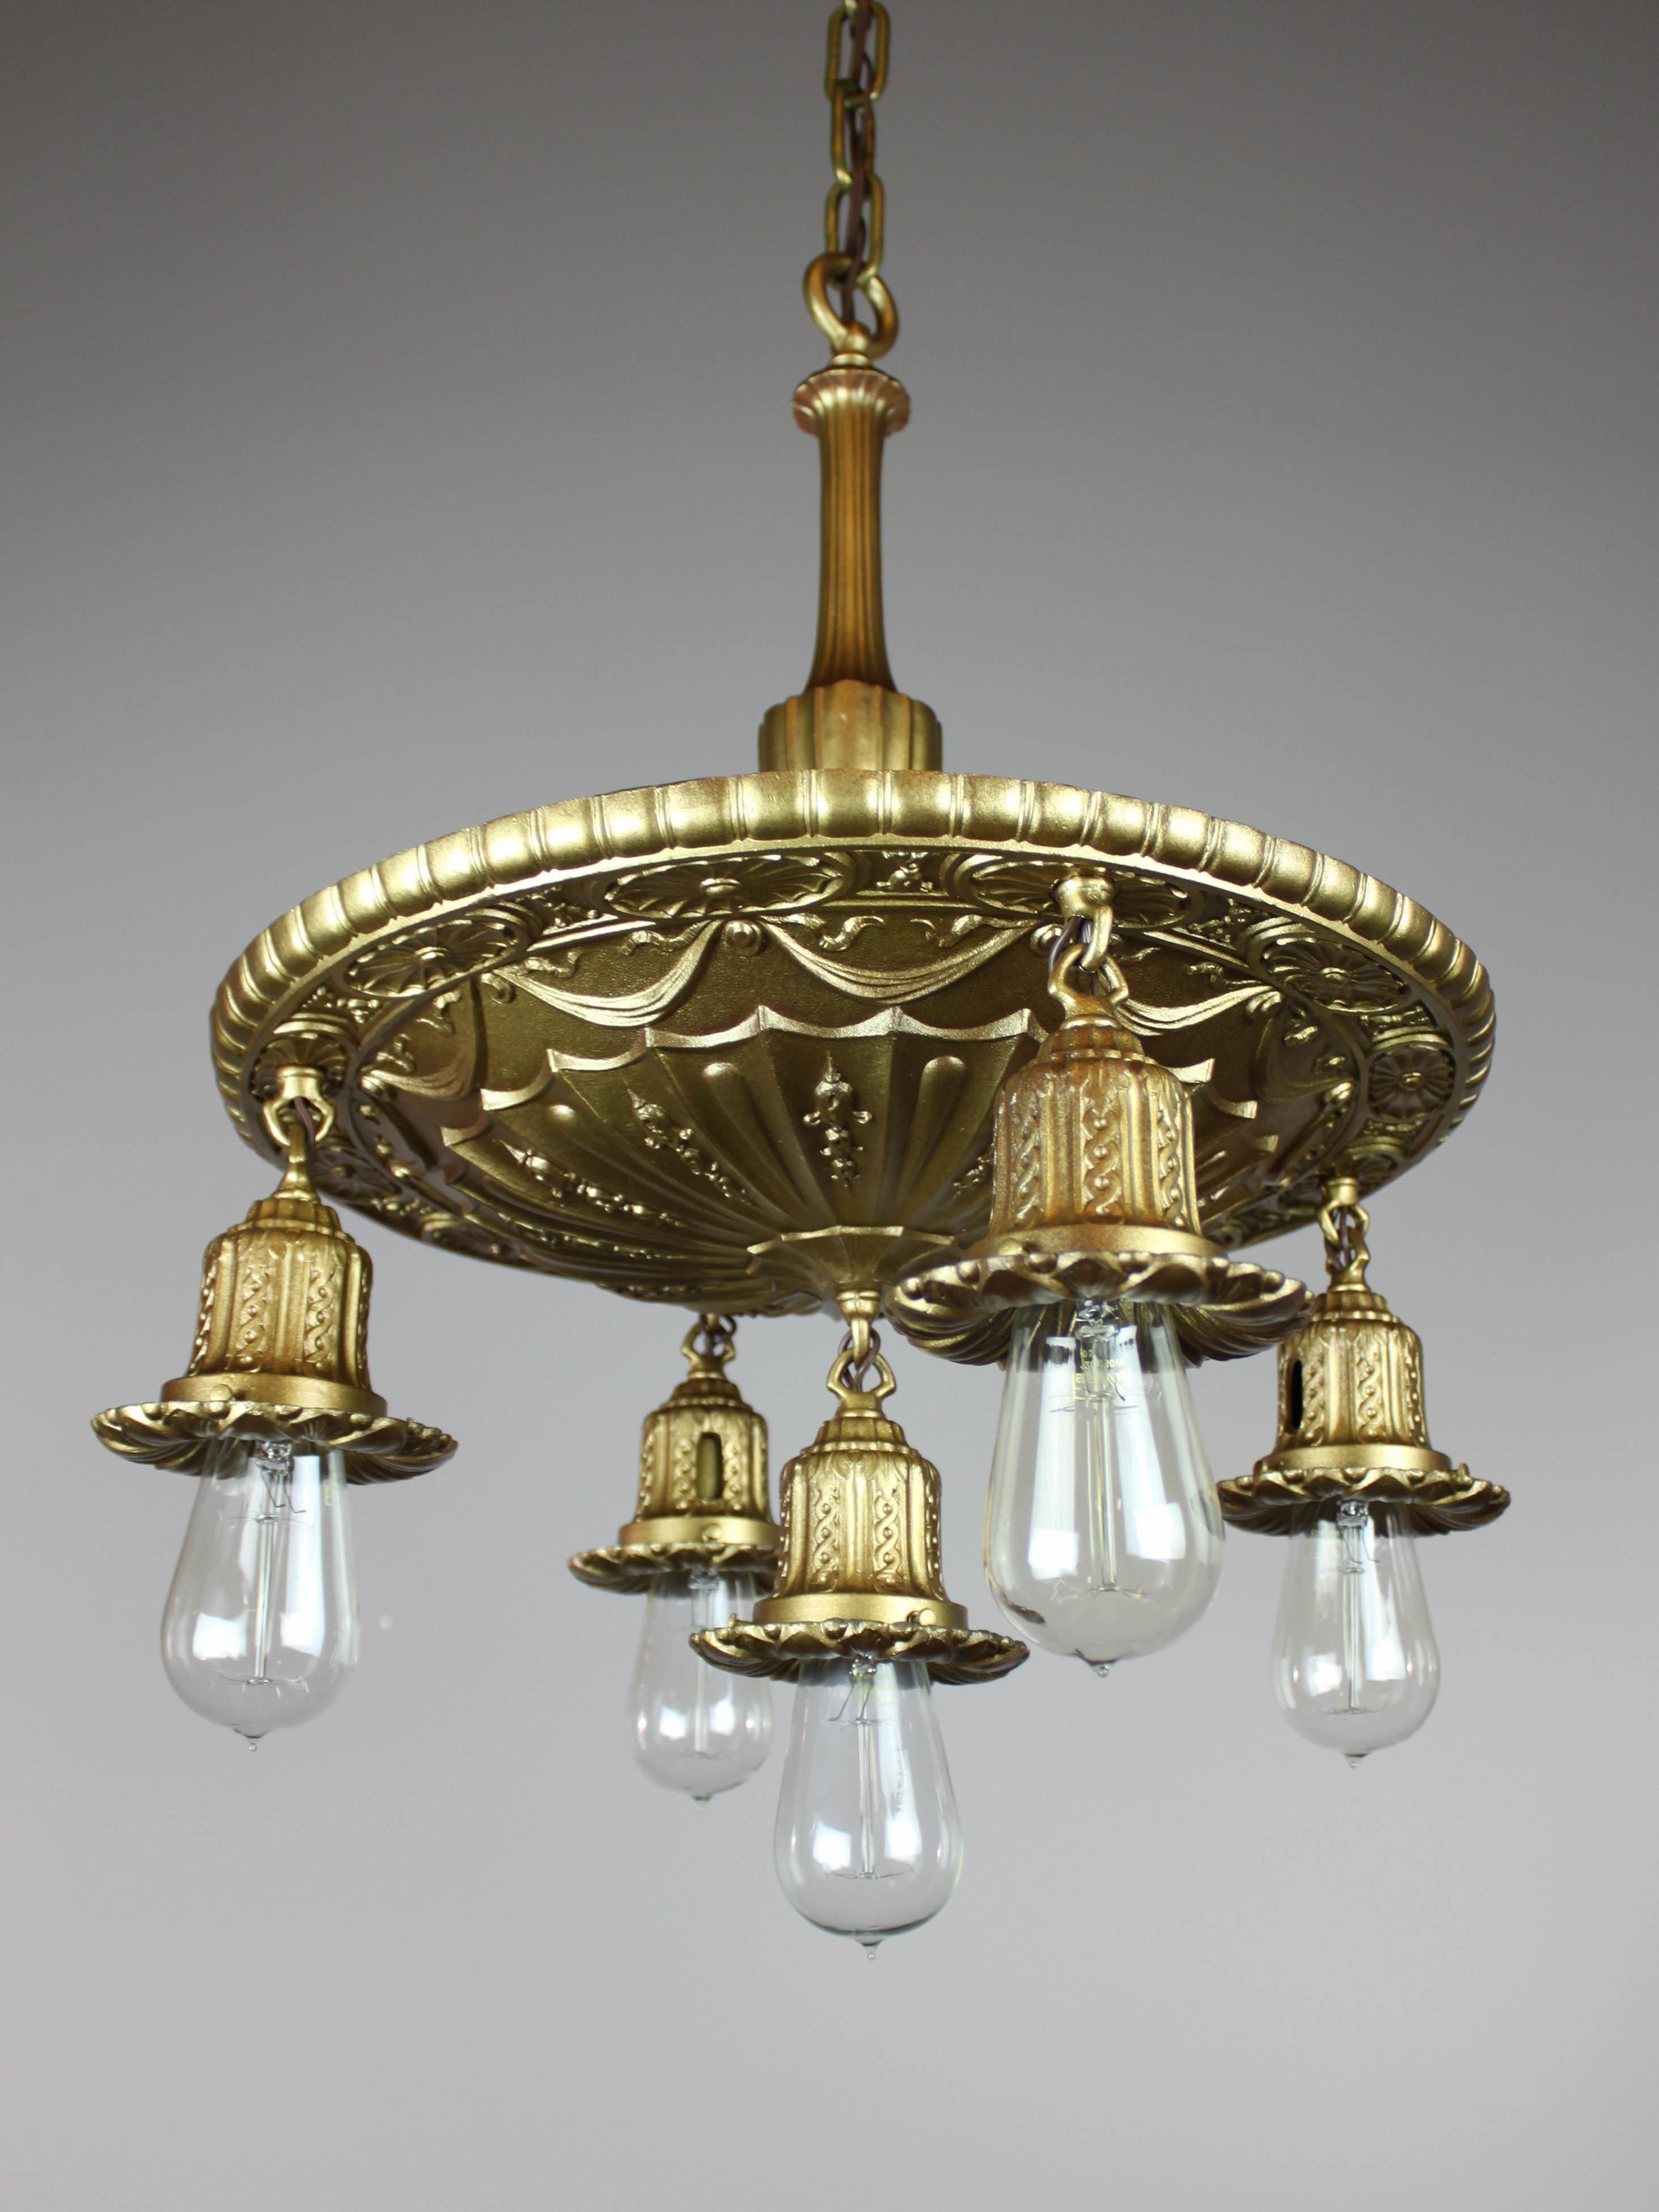 Antique brass lighting fixtures light fixtures brass - Antique bathroom lighting fixtures ...